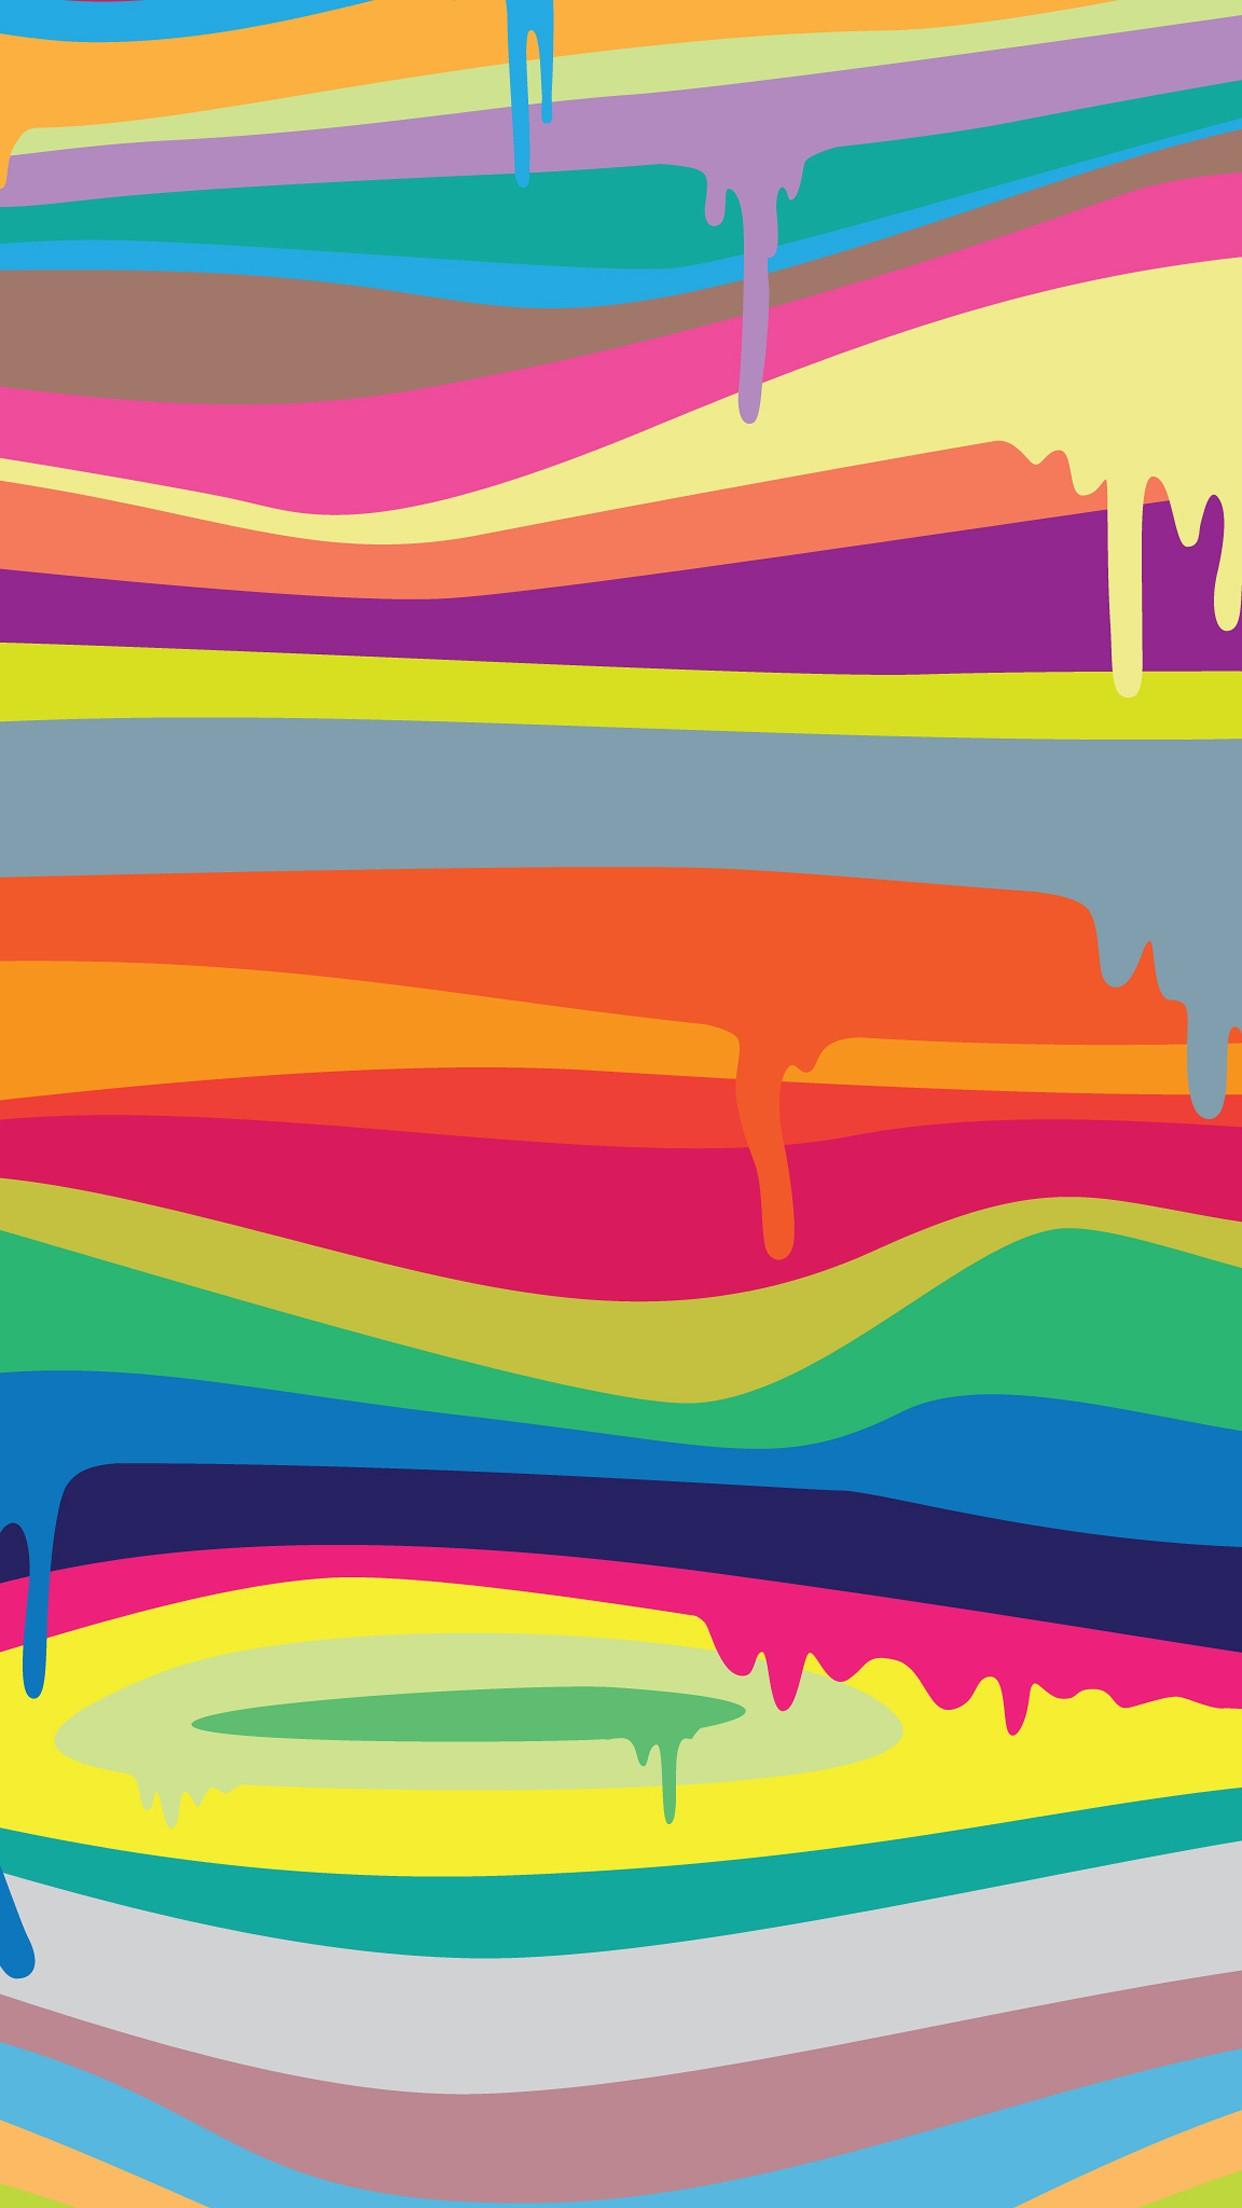 Cool Iphone Wallpapers Hd Poolga Joe Van Wetering The Melting